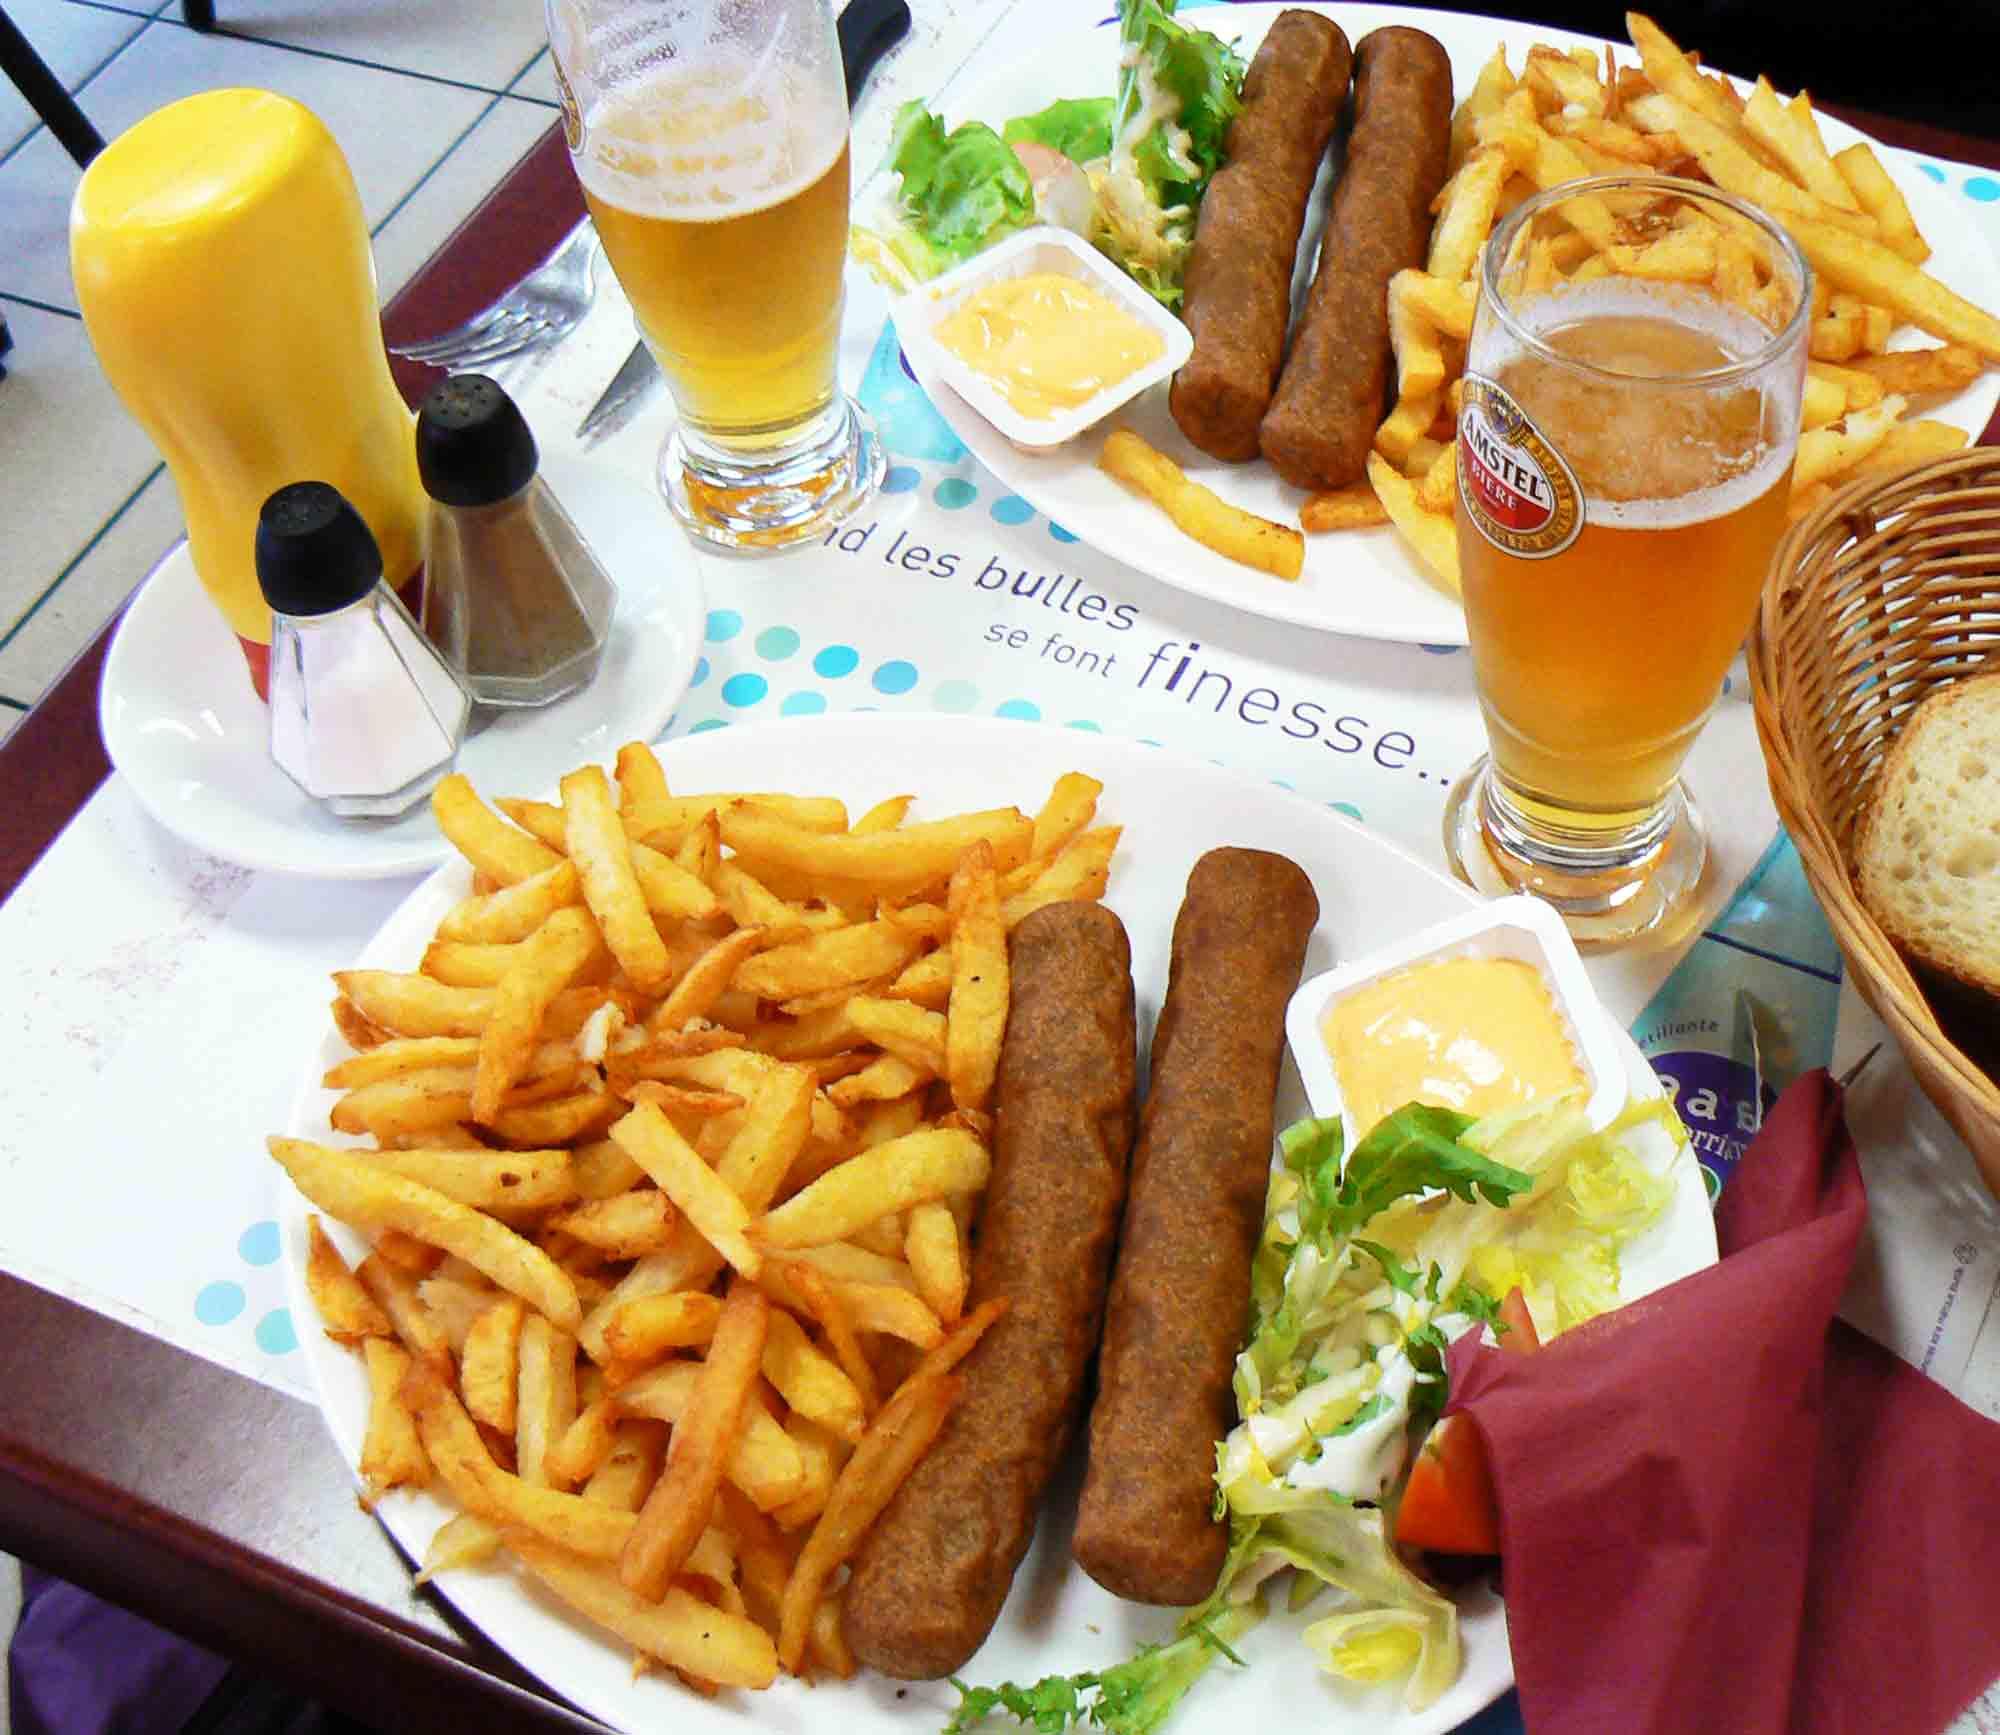 La fricadelle frites, plus belge que française, popularisée par le film Bienvenue chez les Chtis